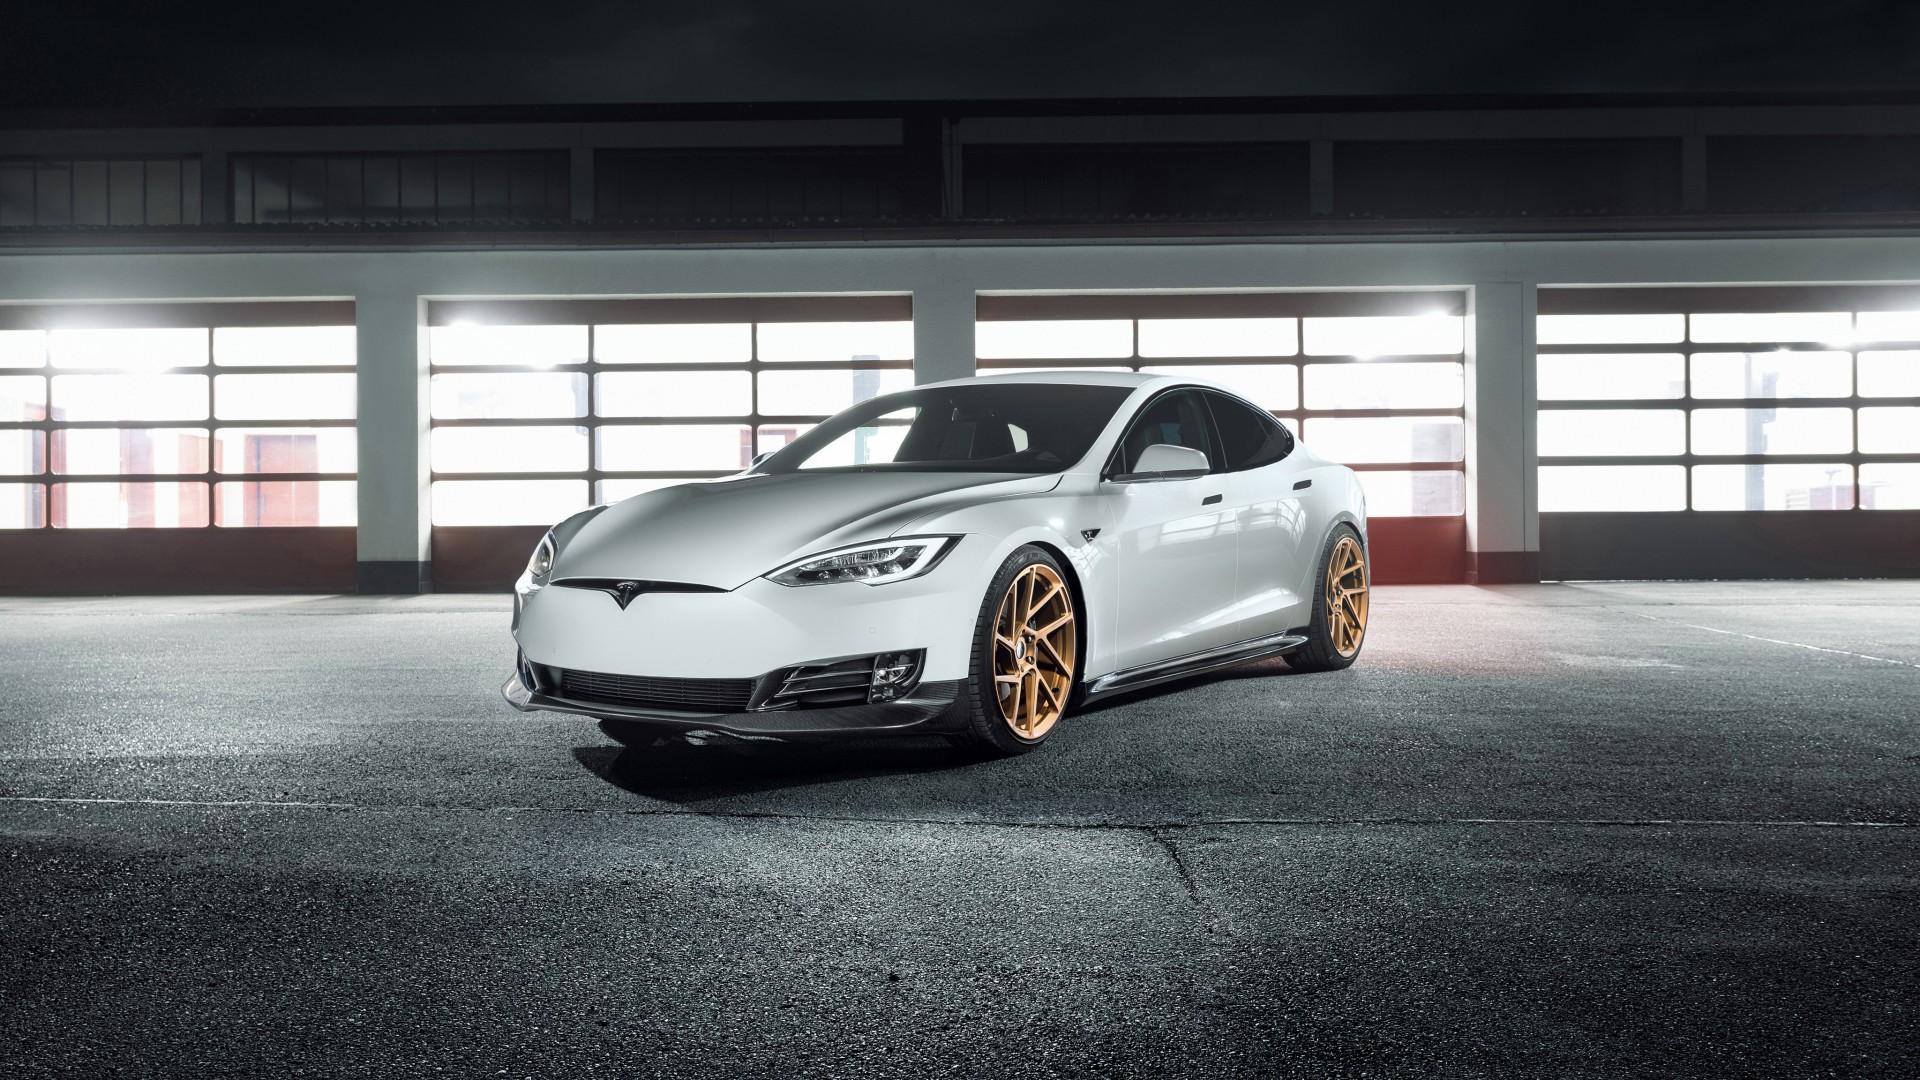 2017 Novitec Tesla Model S 4K 4 Wallpaper | HD Car ...